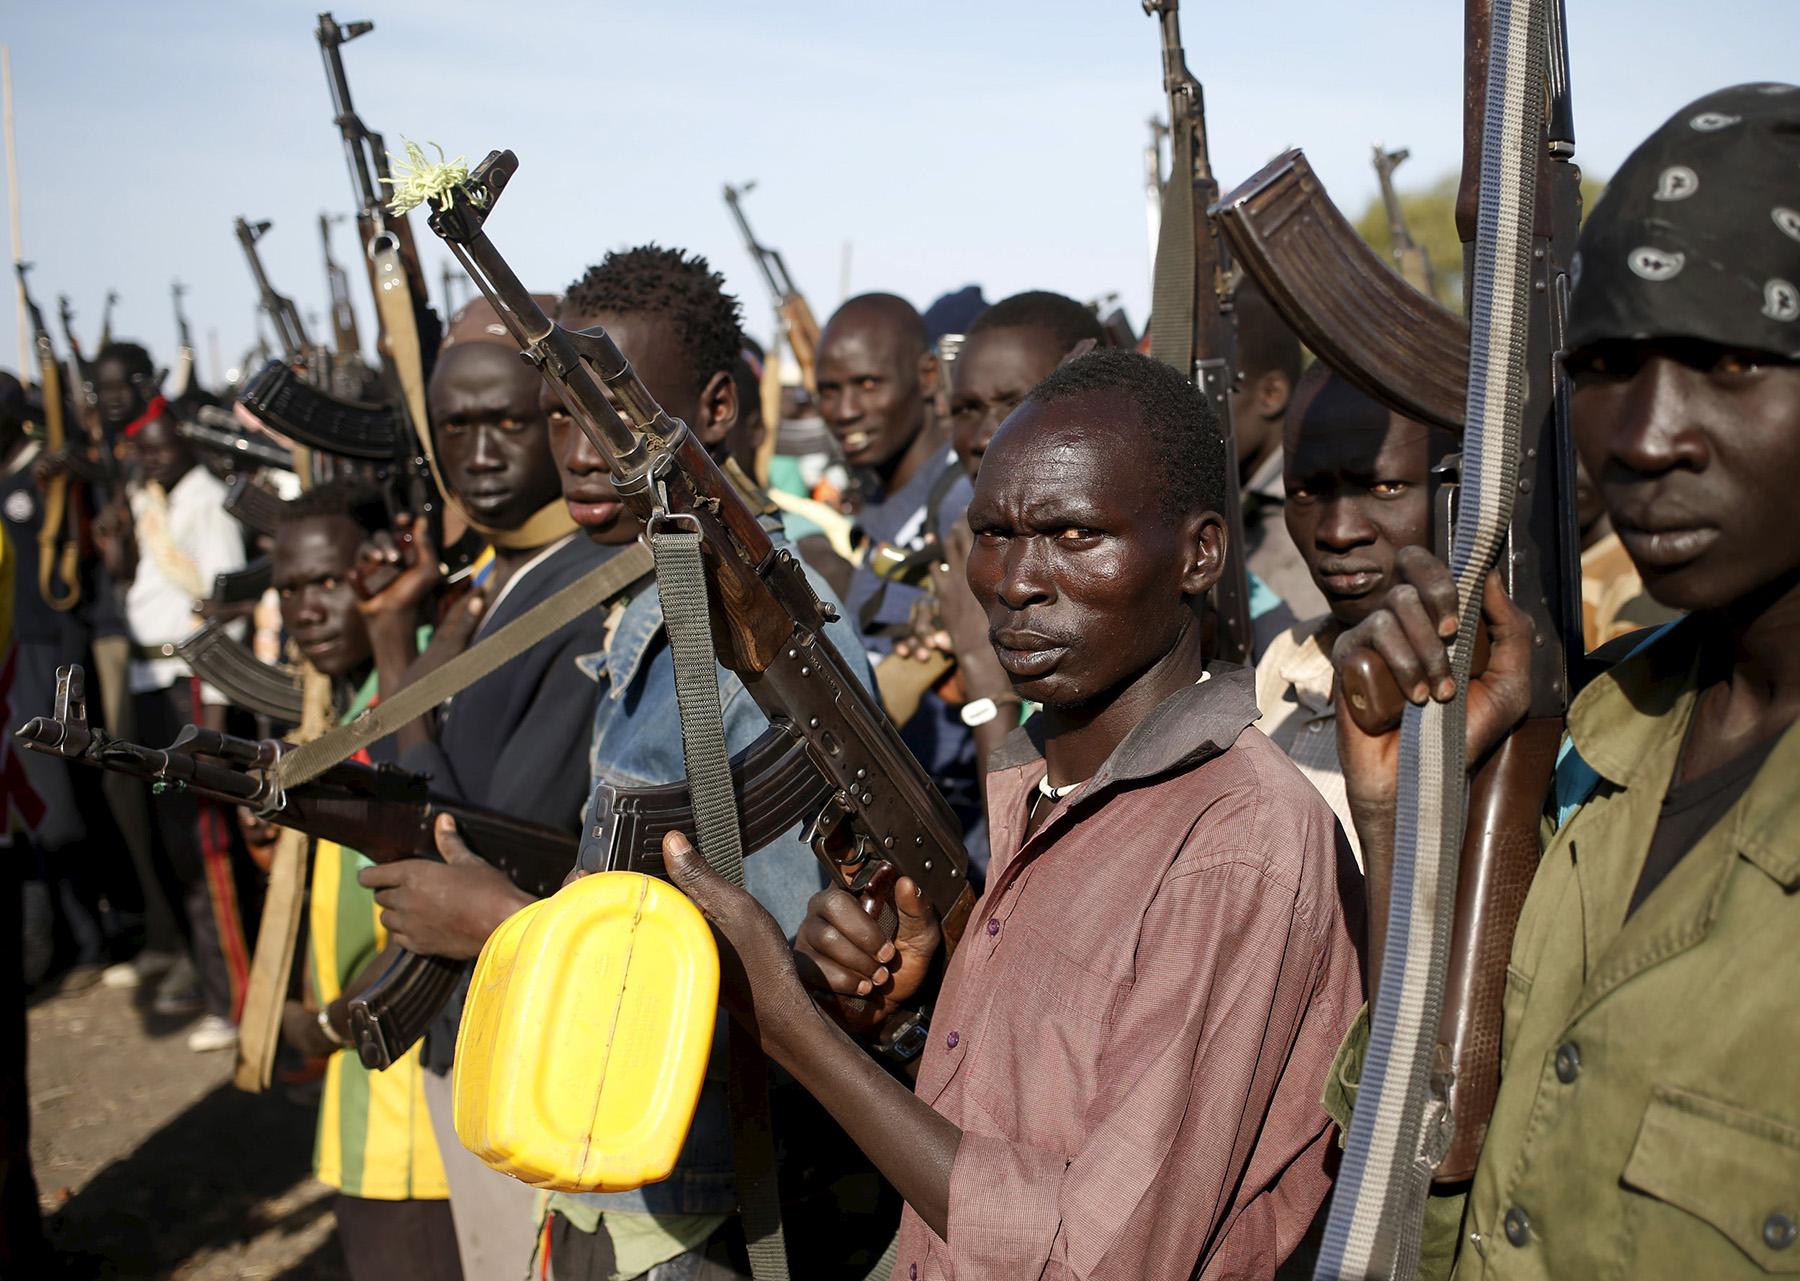 Sud Sudan Orientale: Migliaia Di Persone In Fuga Dopo Nuova Ondata Di Violenze